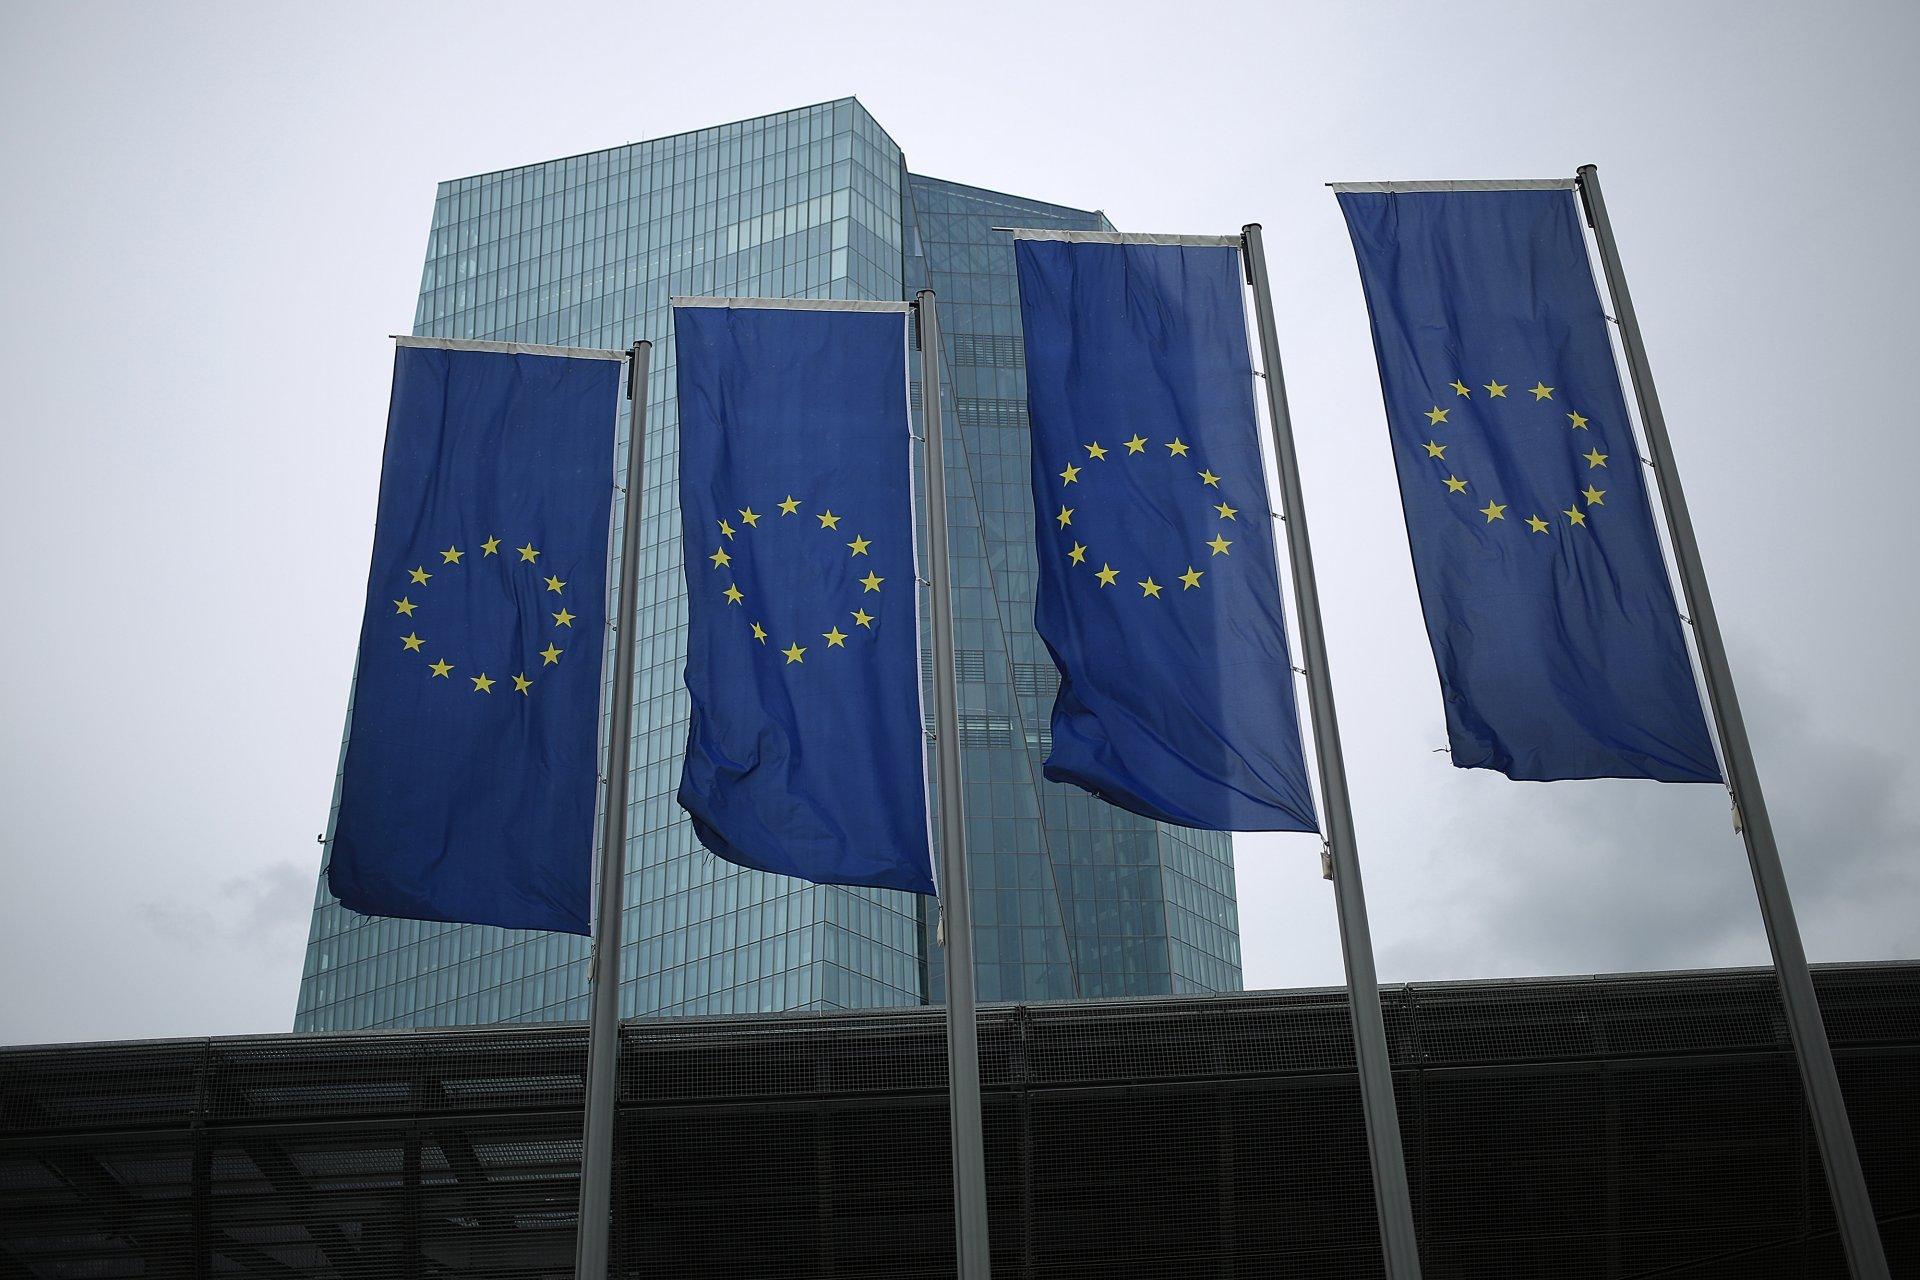 Европейската икономика продължава ръста си и през второто тримесечие - Bloomberg